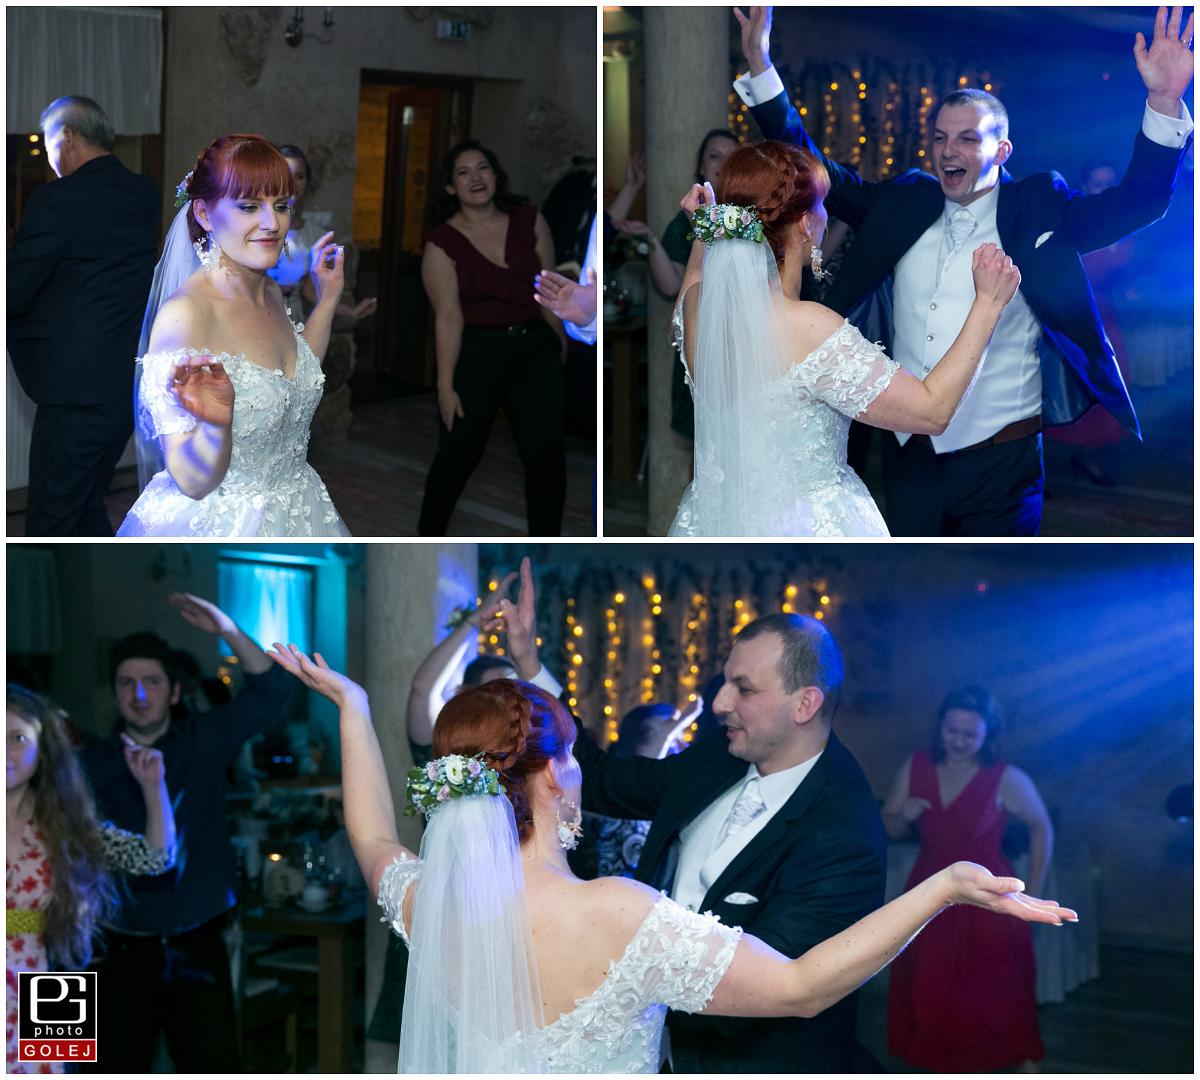 Hotel Partizan svadobna zabava